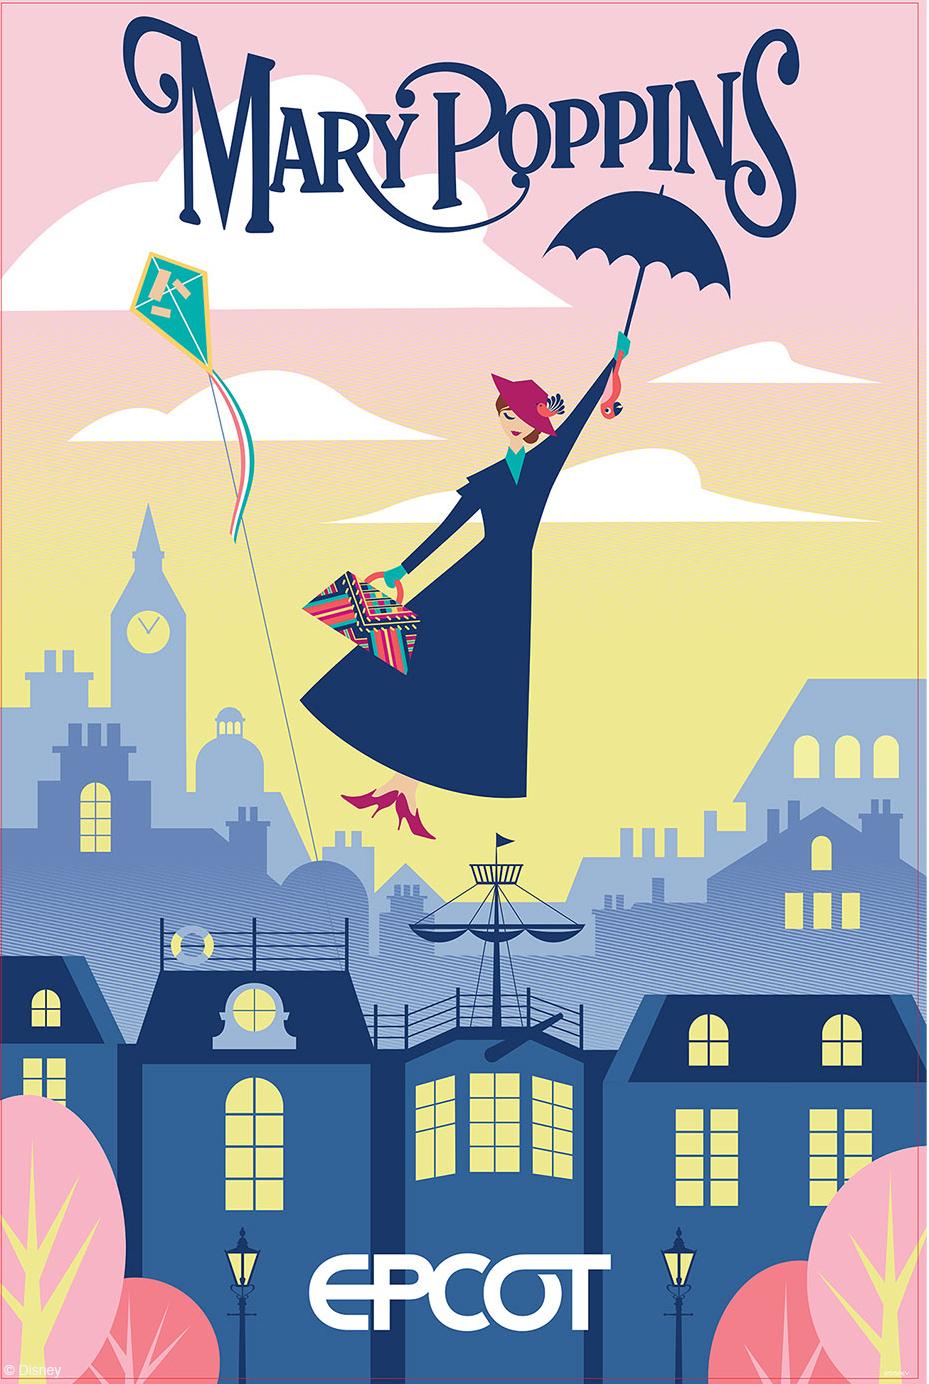 UK Pavilion: Mary Poppins